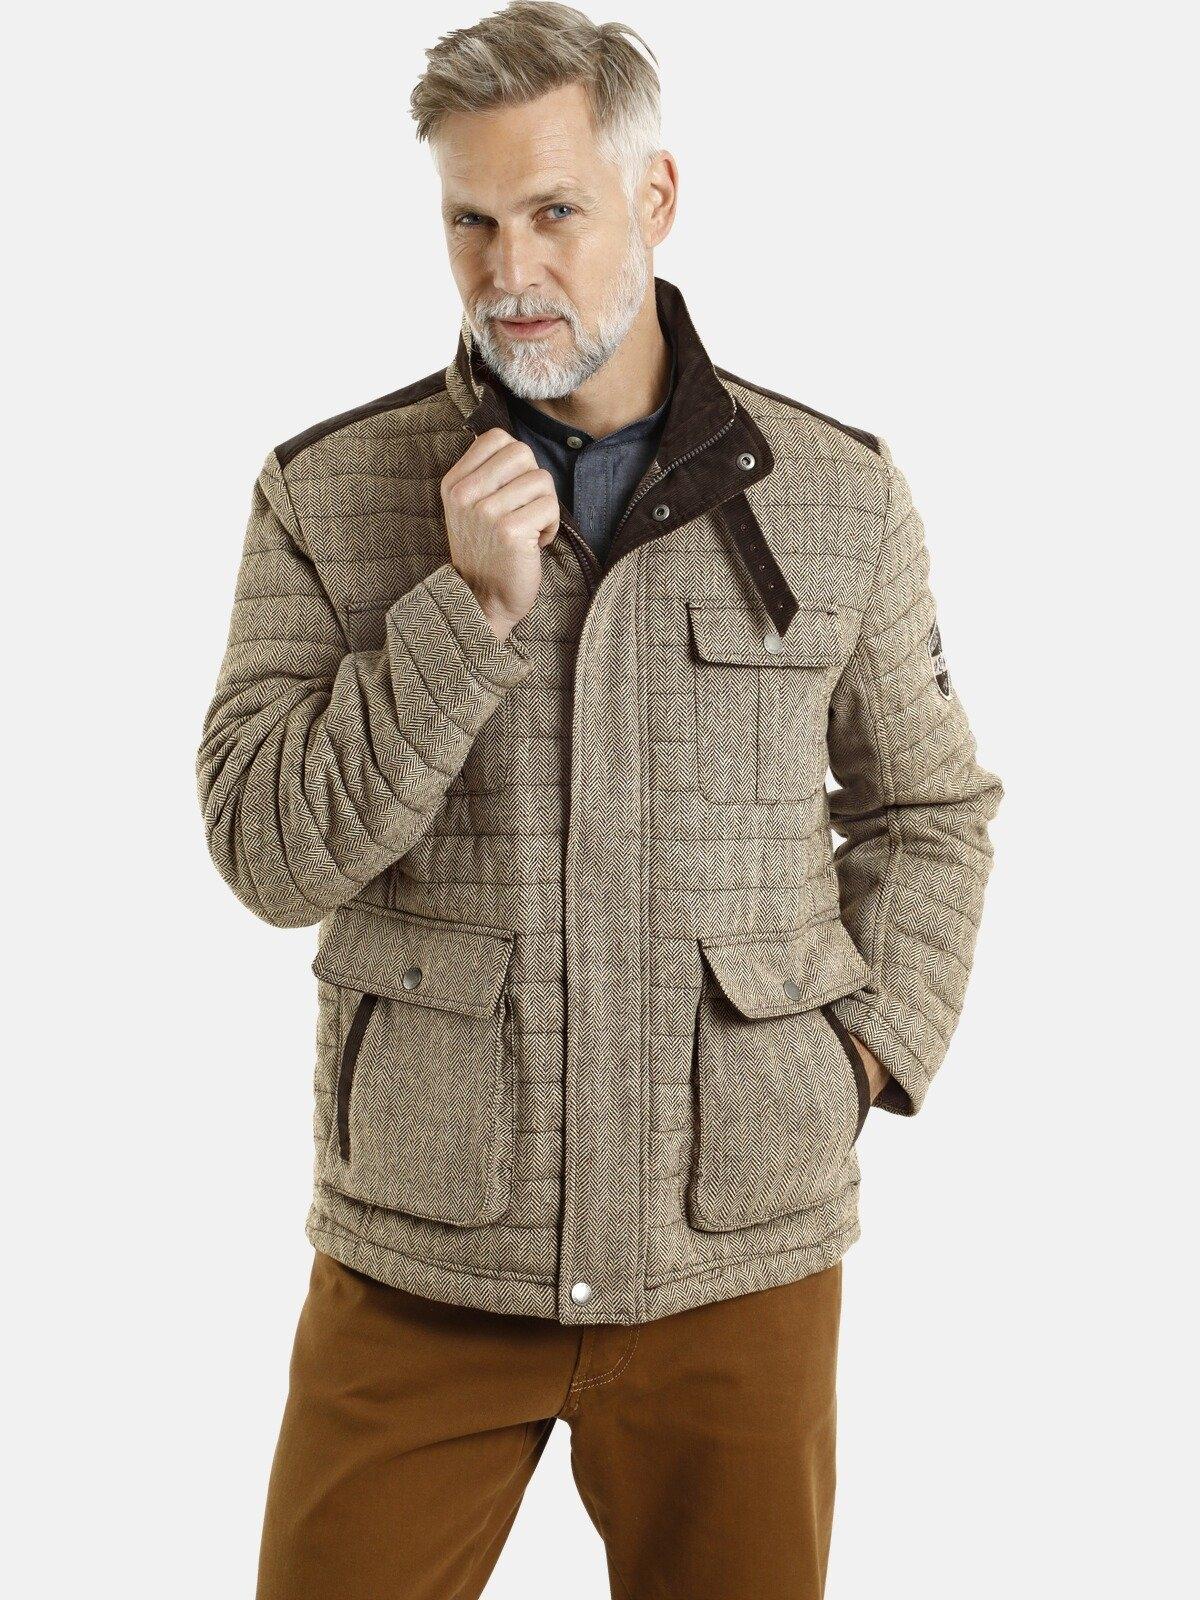 Jan Vanderstorm gewatteerde jas CLEAS met chic visgraatdessin - verschillende betaalmethodes